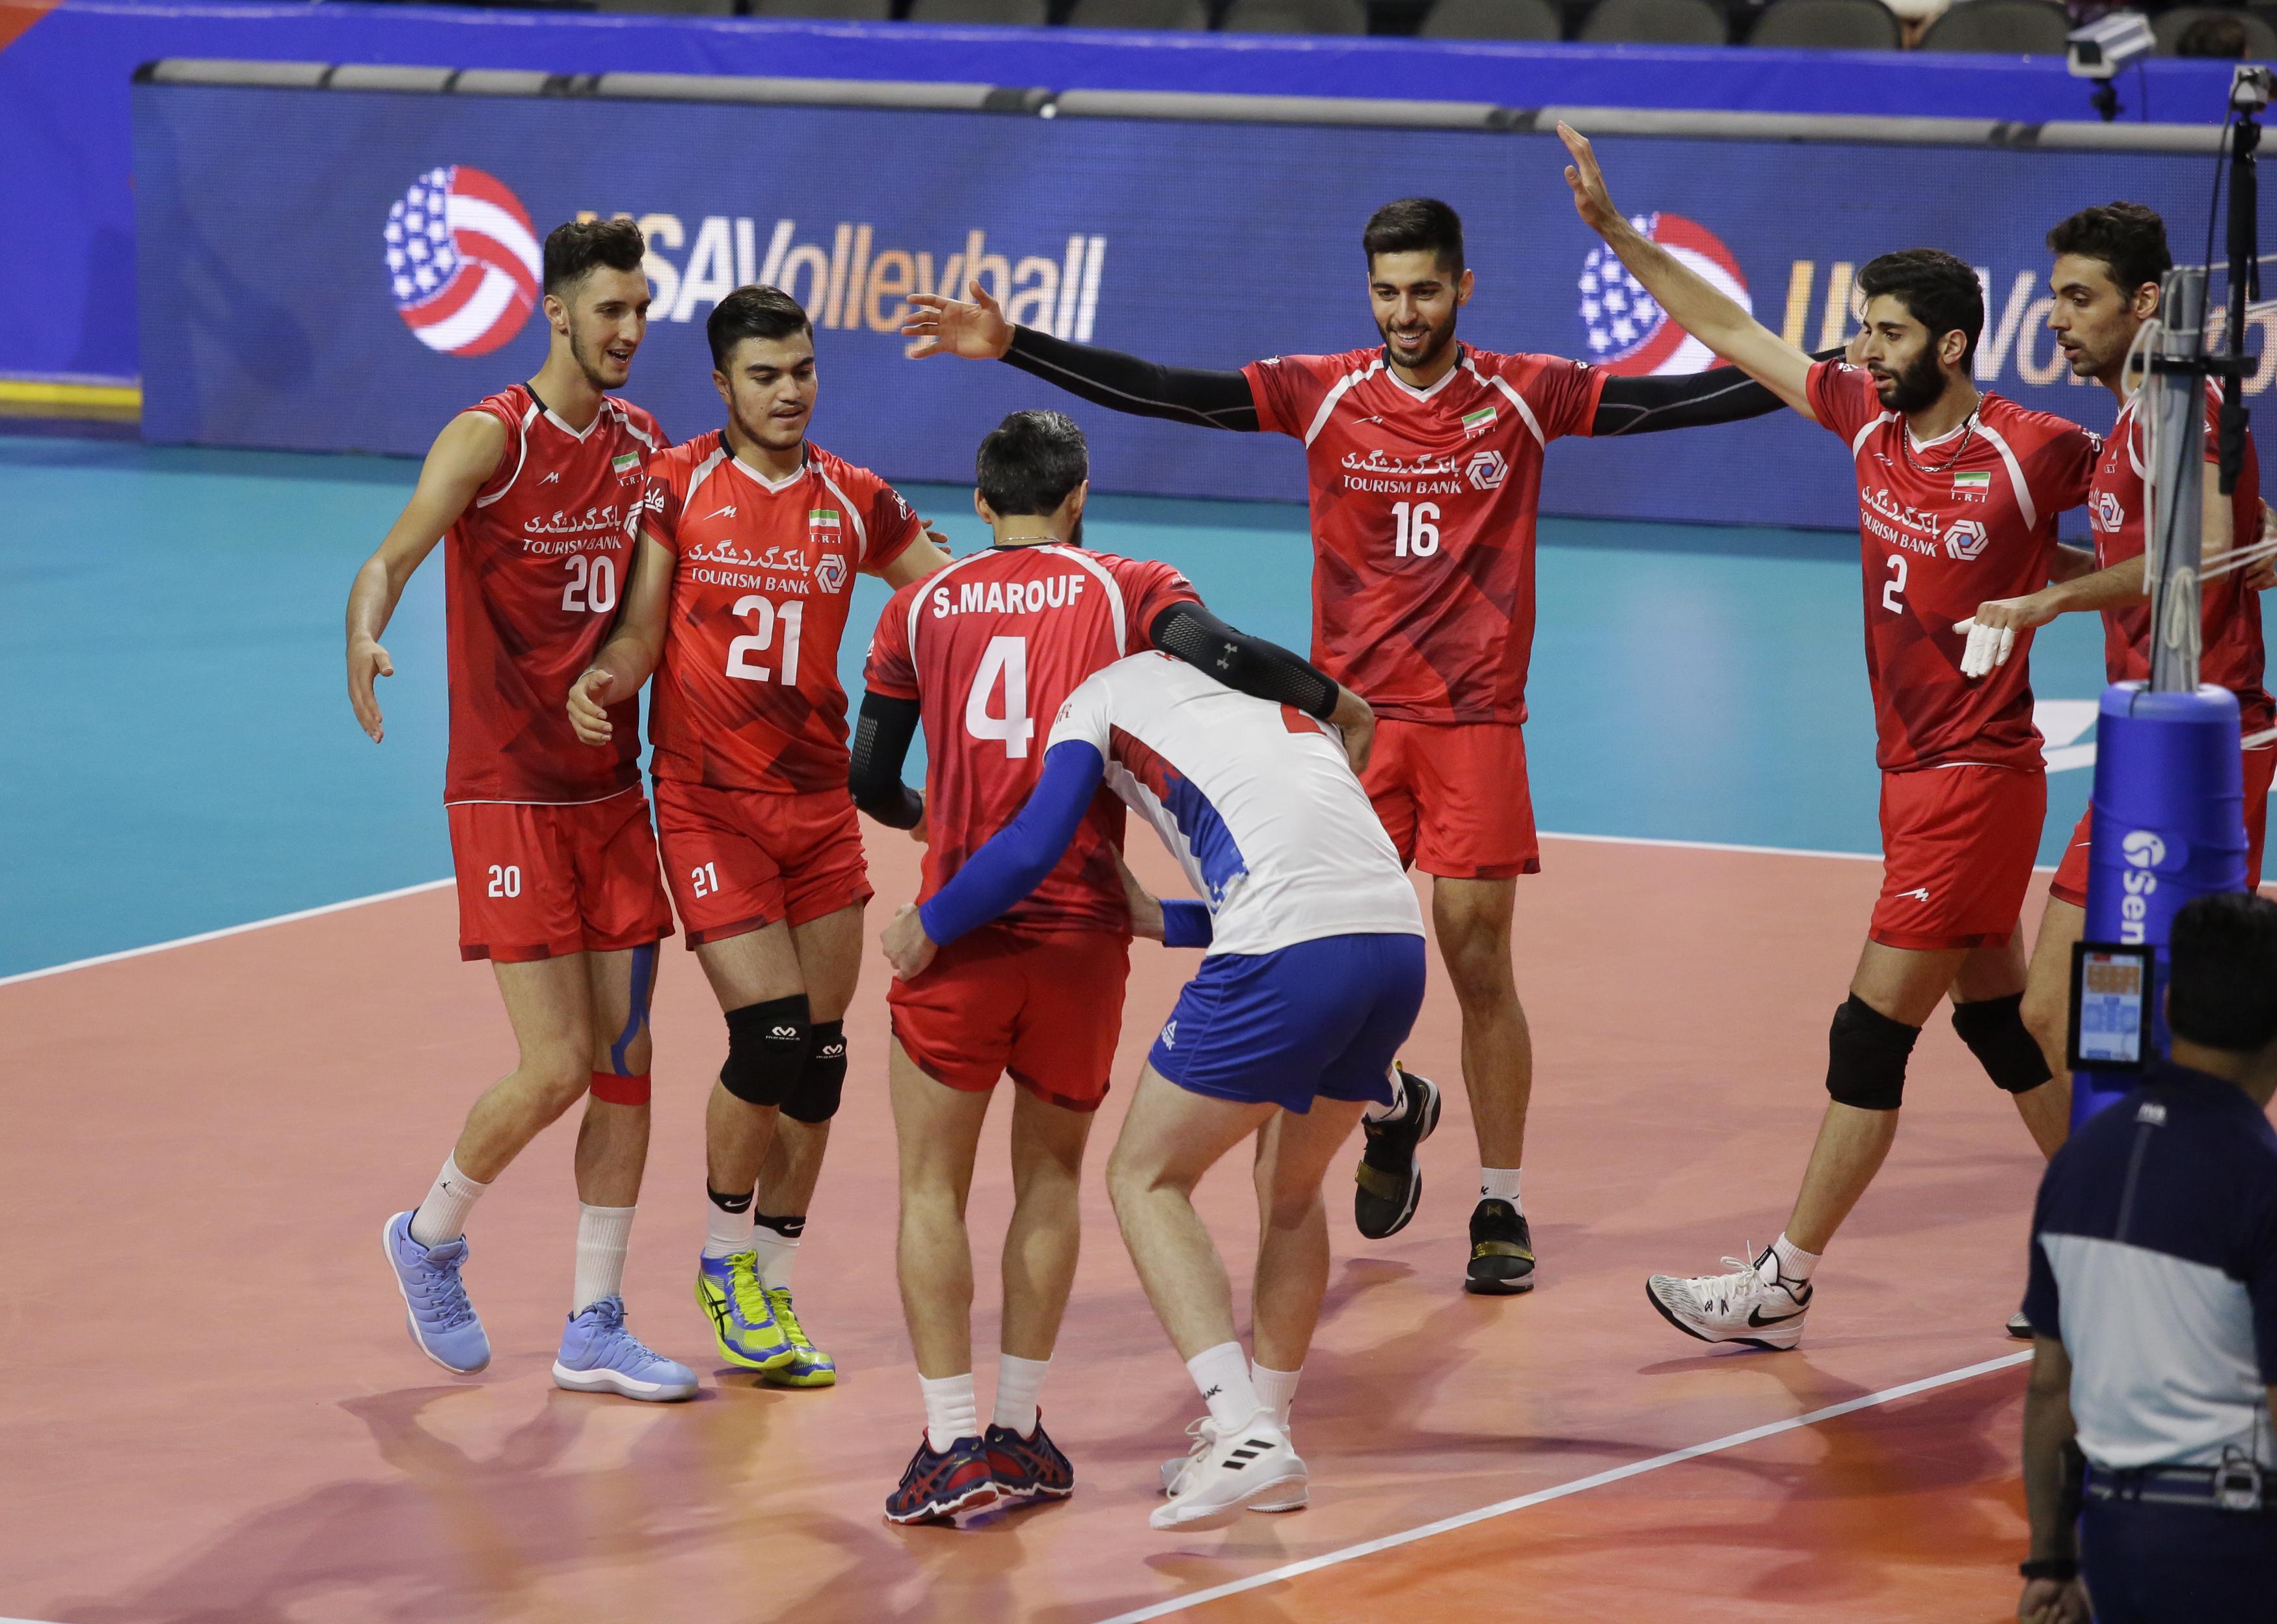 تیم ملی والیبال ایران در دومین بازی از هفته چهارم لیگ ملتهای والیبال ۲۰۱۸ و در شهر شیکاگو کشور آمریکا به مصاف صربستان رفت و با نتیجه ۳ بر ۲ از این تیم شکست خورد.